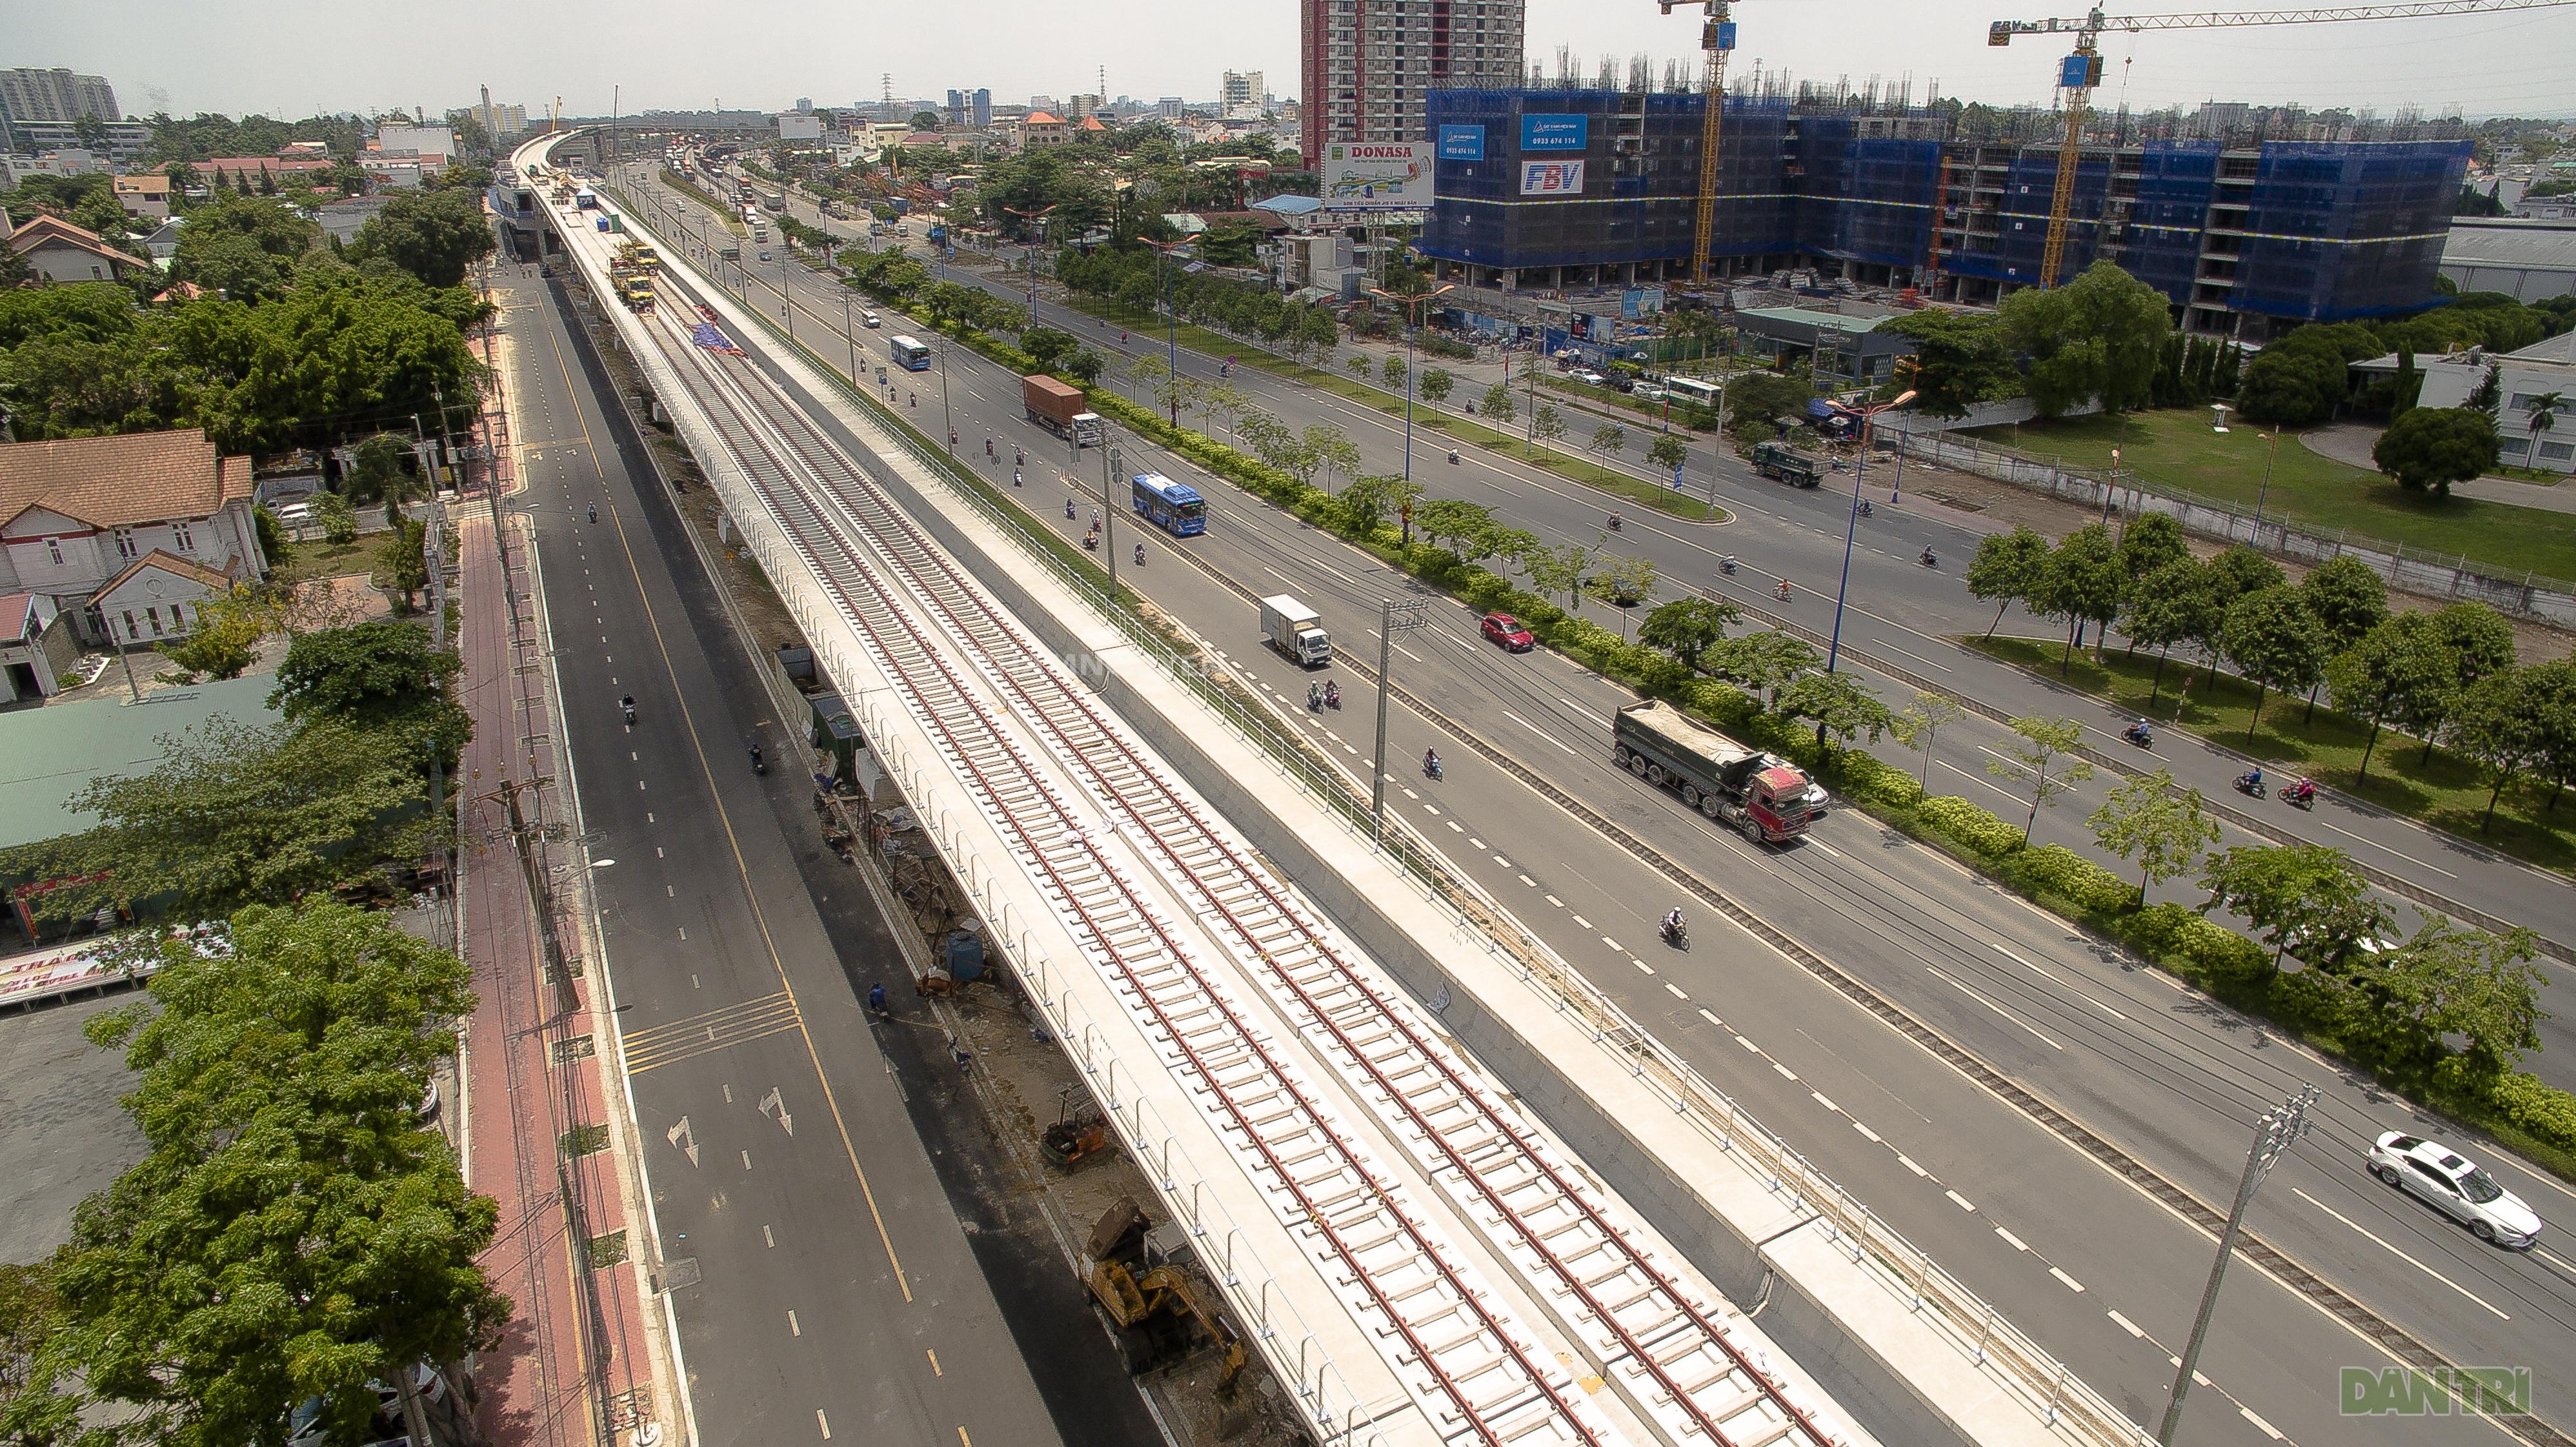 Toàn cảnh tuyến metro đầu tiên của TP HCM. (Ảnh: Dân trí).